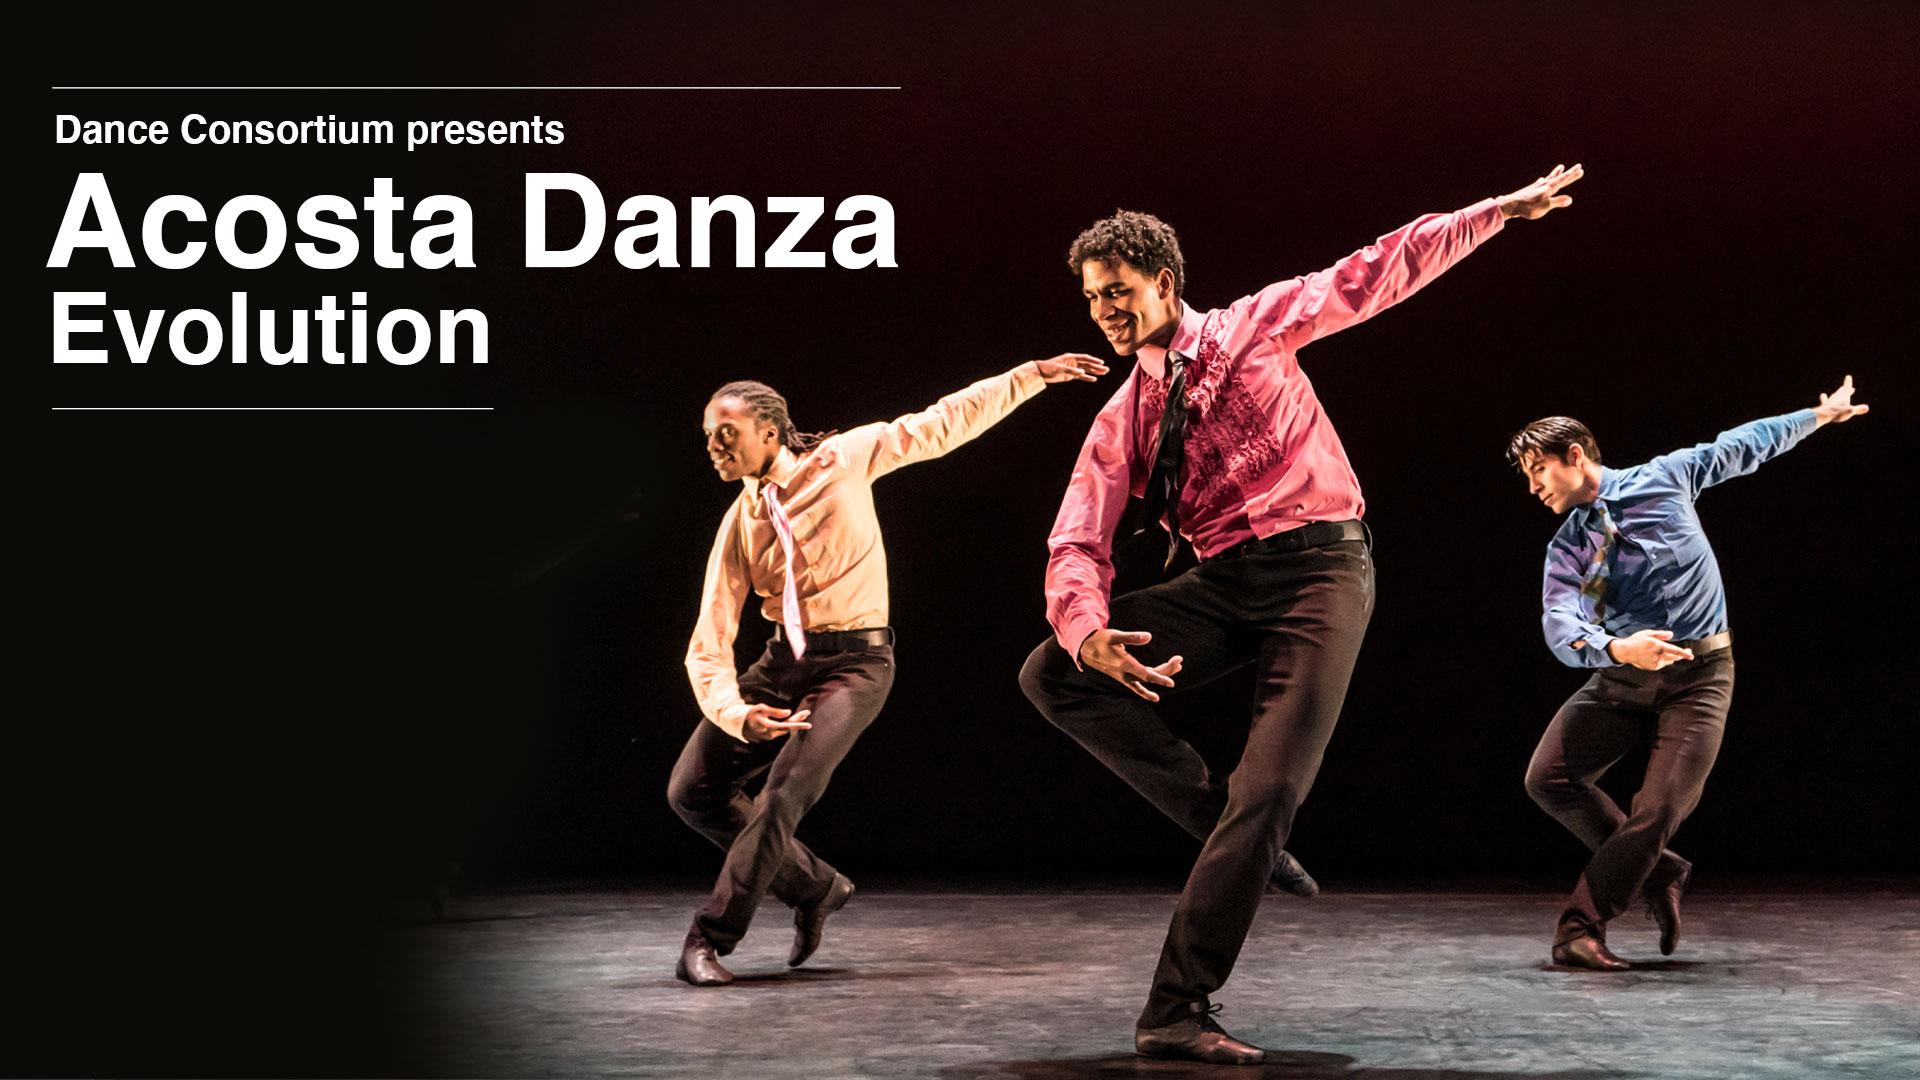 Acosta Danza Evolution